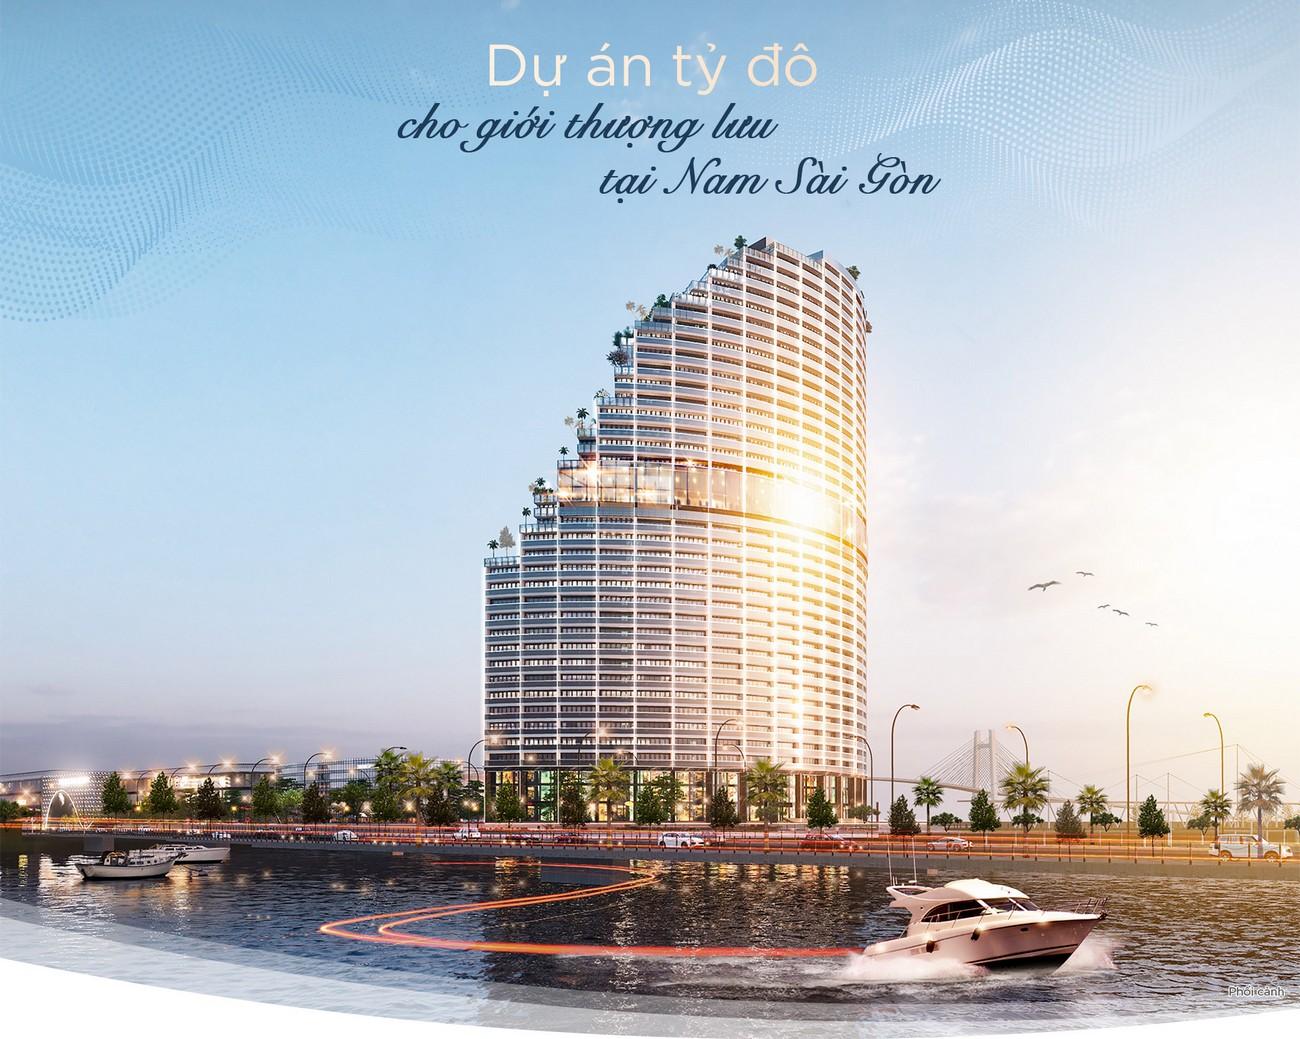 Bước tiến nghệ thuật đặc sắc trong thiết kế tại Sunshine Diamond River